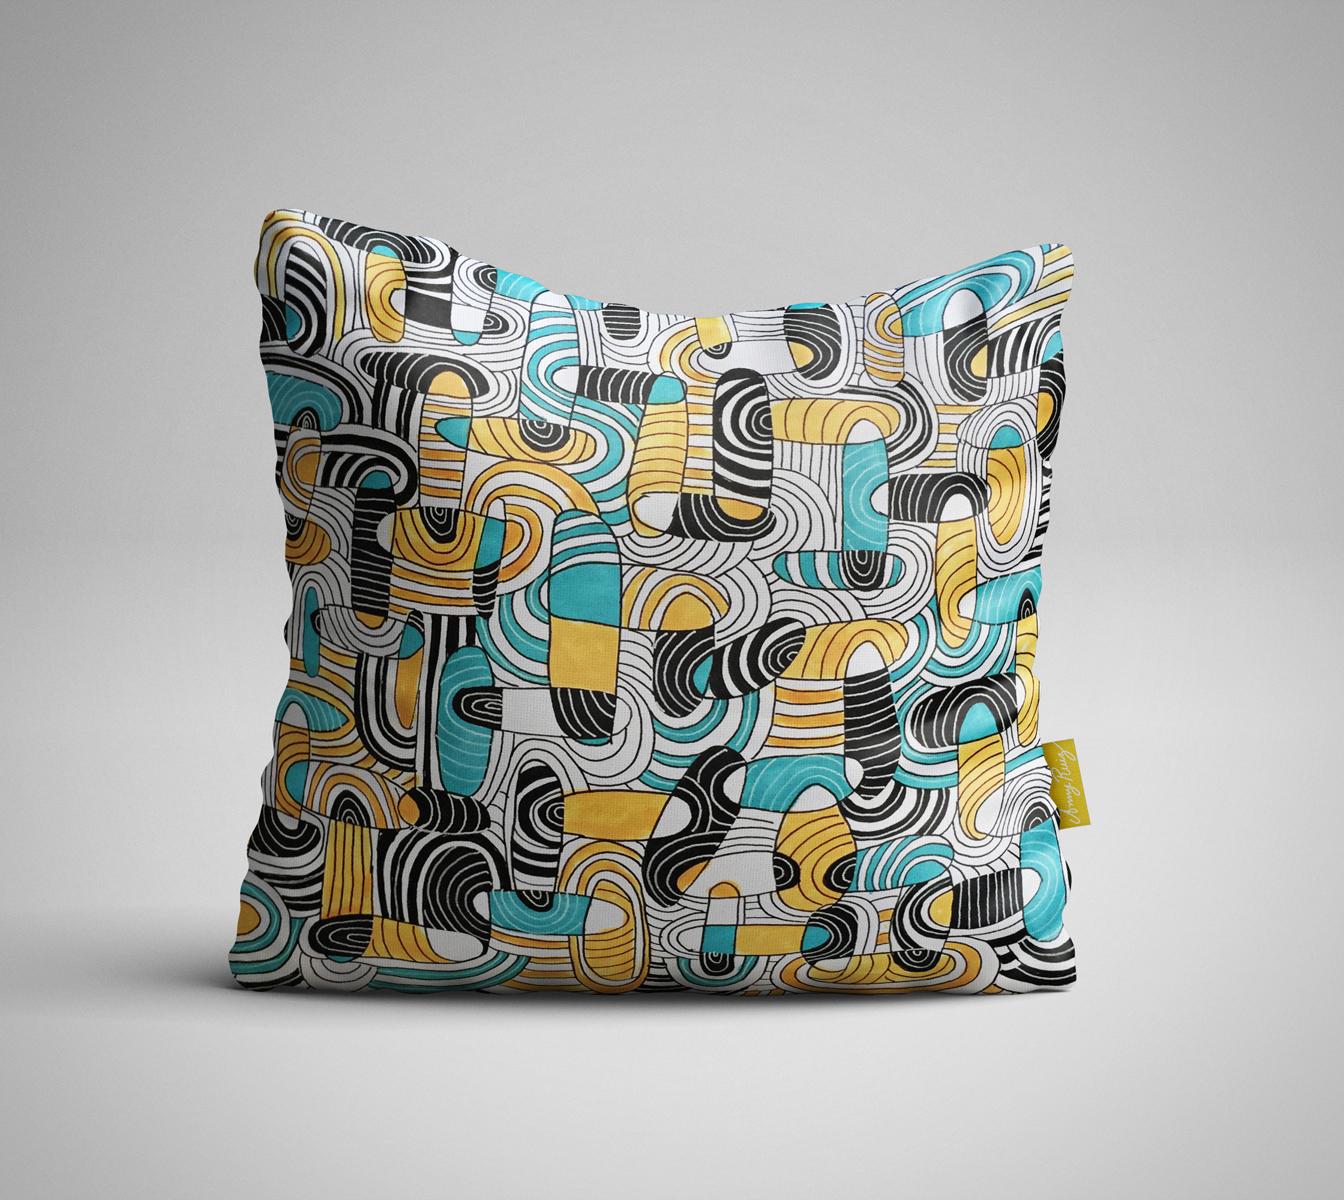 ovaline-pillow-surface-pattern-design.jpg